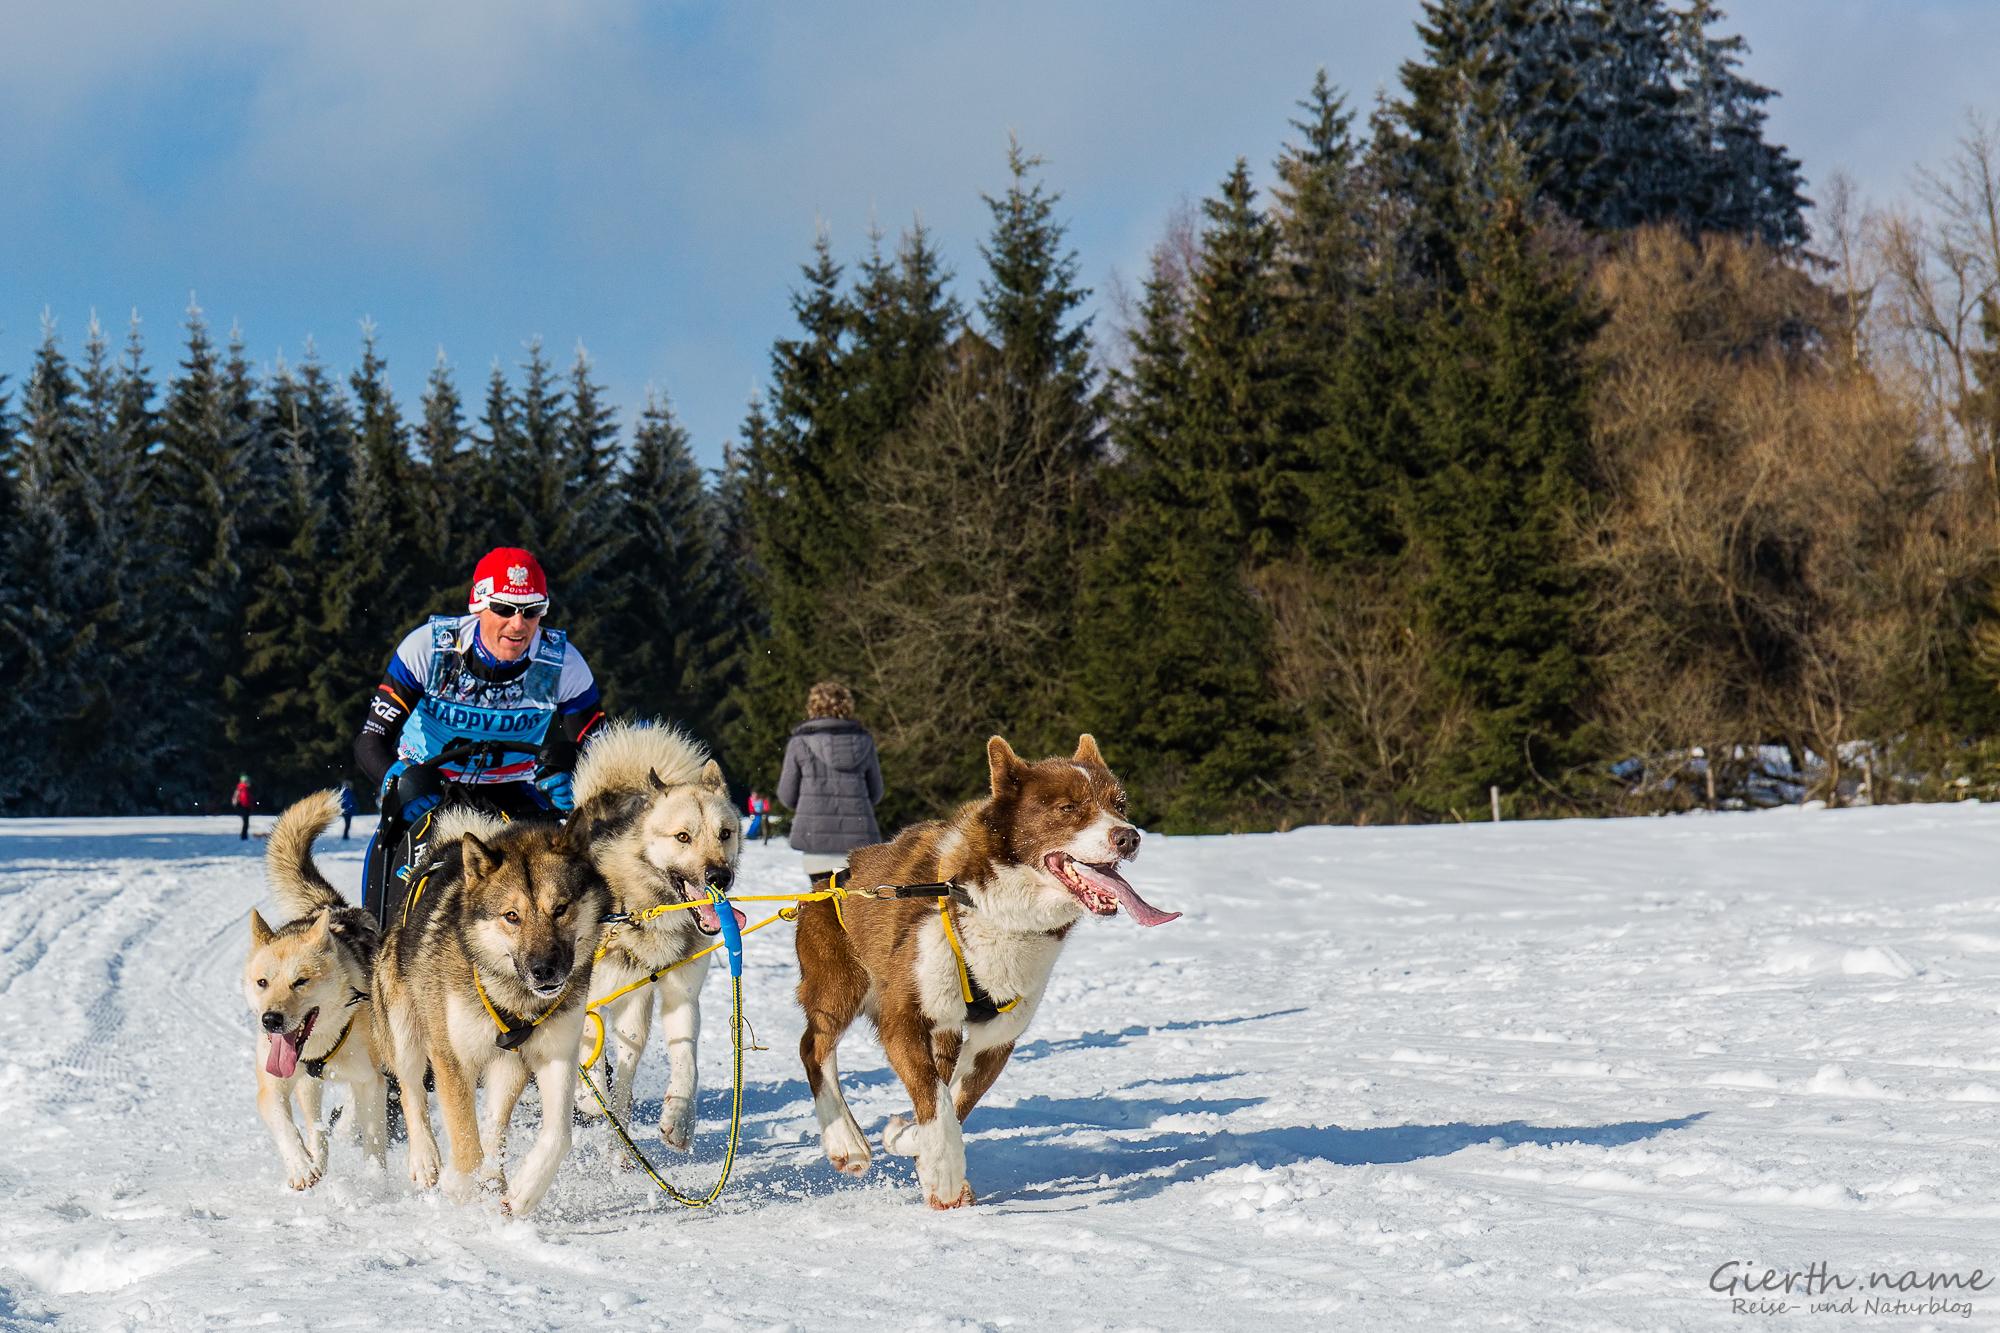 Schlittenhunderennen in Frauenwald am Rennsteig